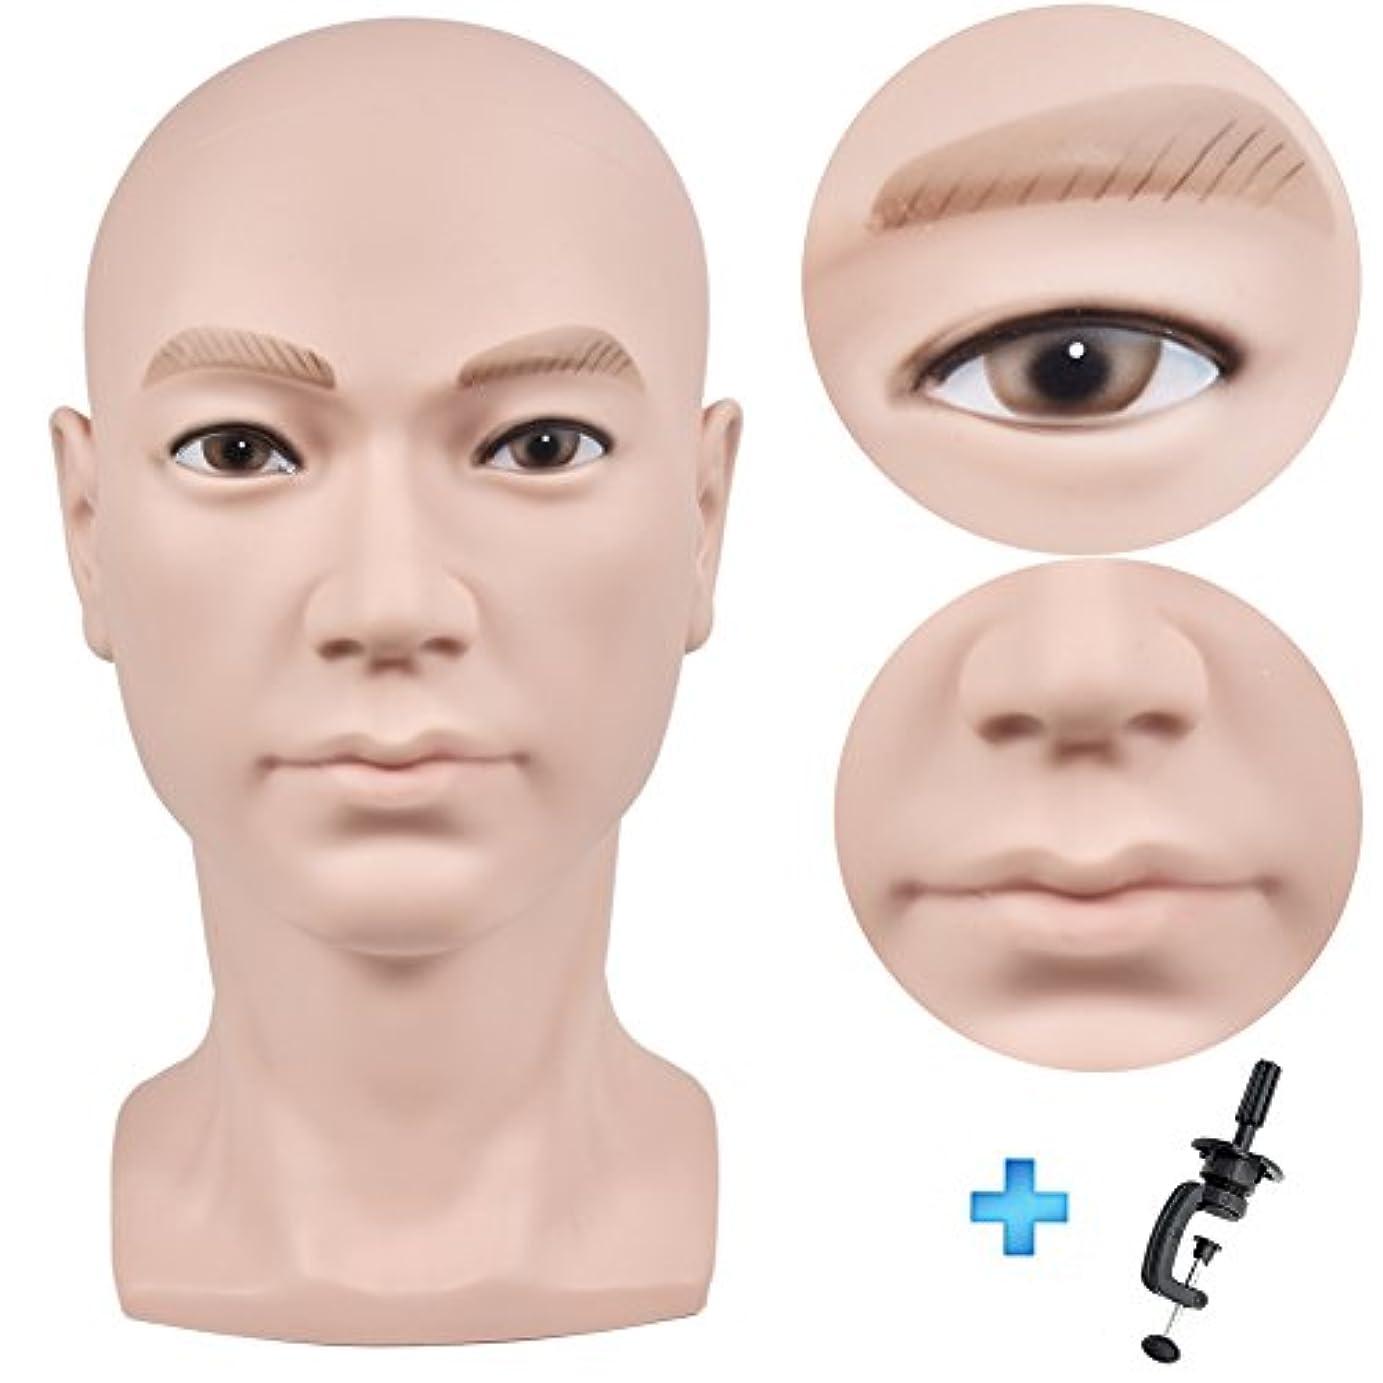 本体飢饉スポット髪のメイク、ディスプレイのかつら、メガネ、髪、Tピン、フリークランプのための禿げたマネキンヘッドベージュ男性プロの化粧品